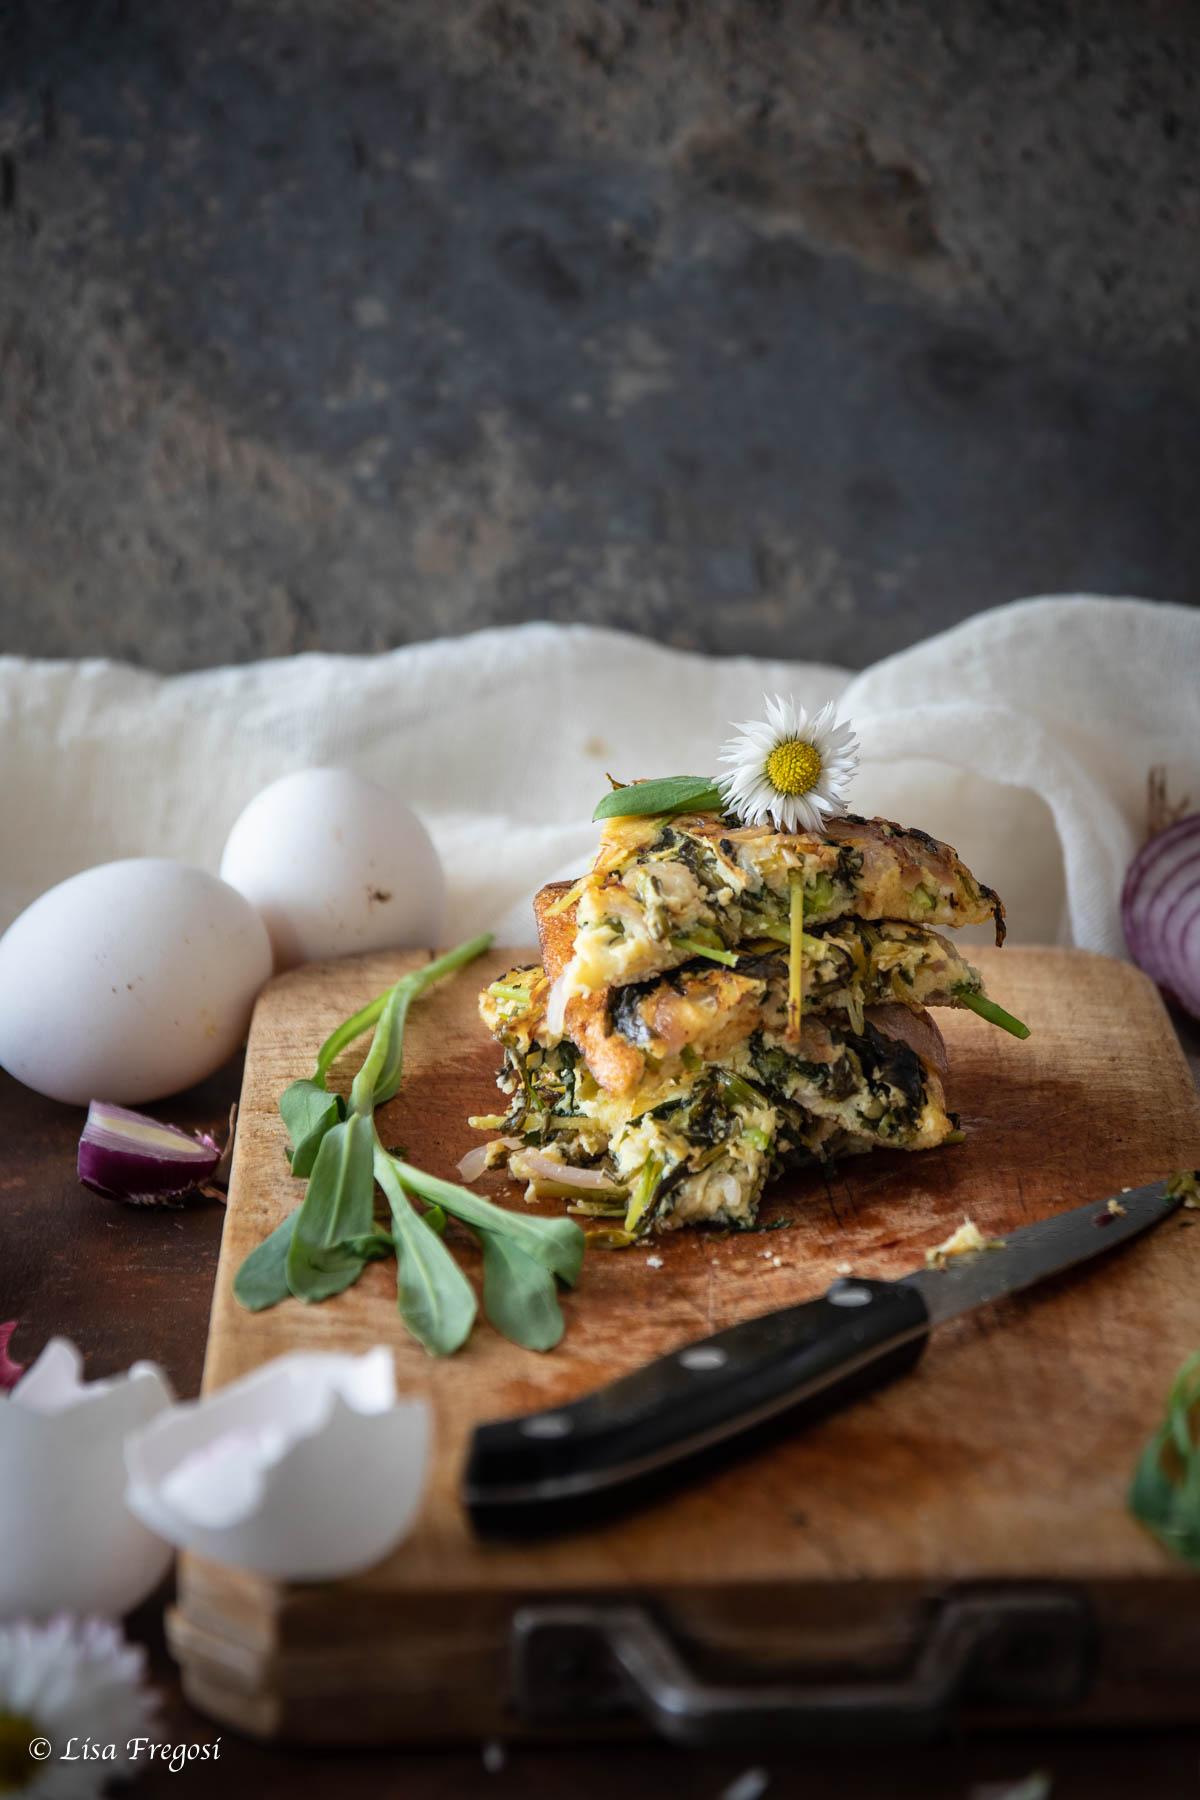 carletti o silene vulgaris, la ricetta della frittata